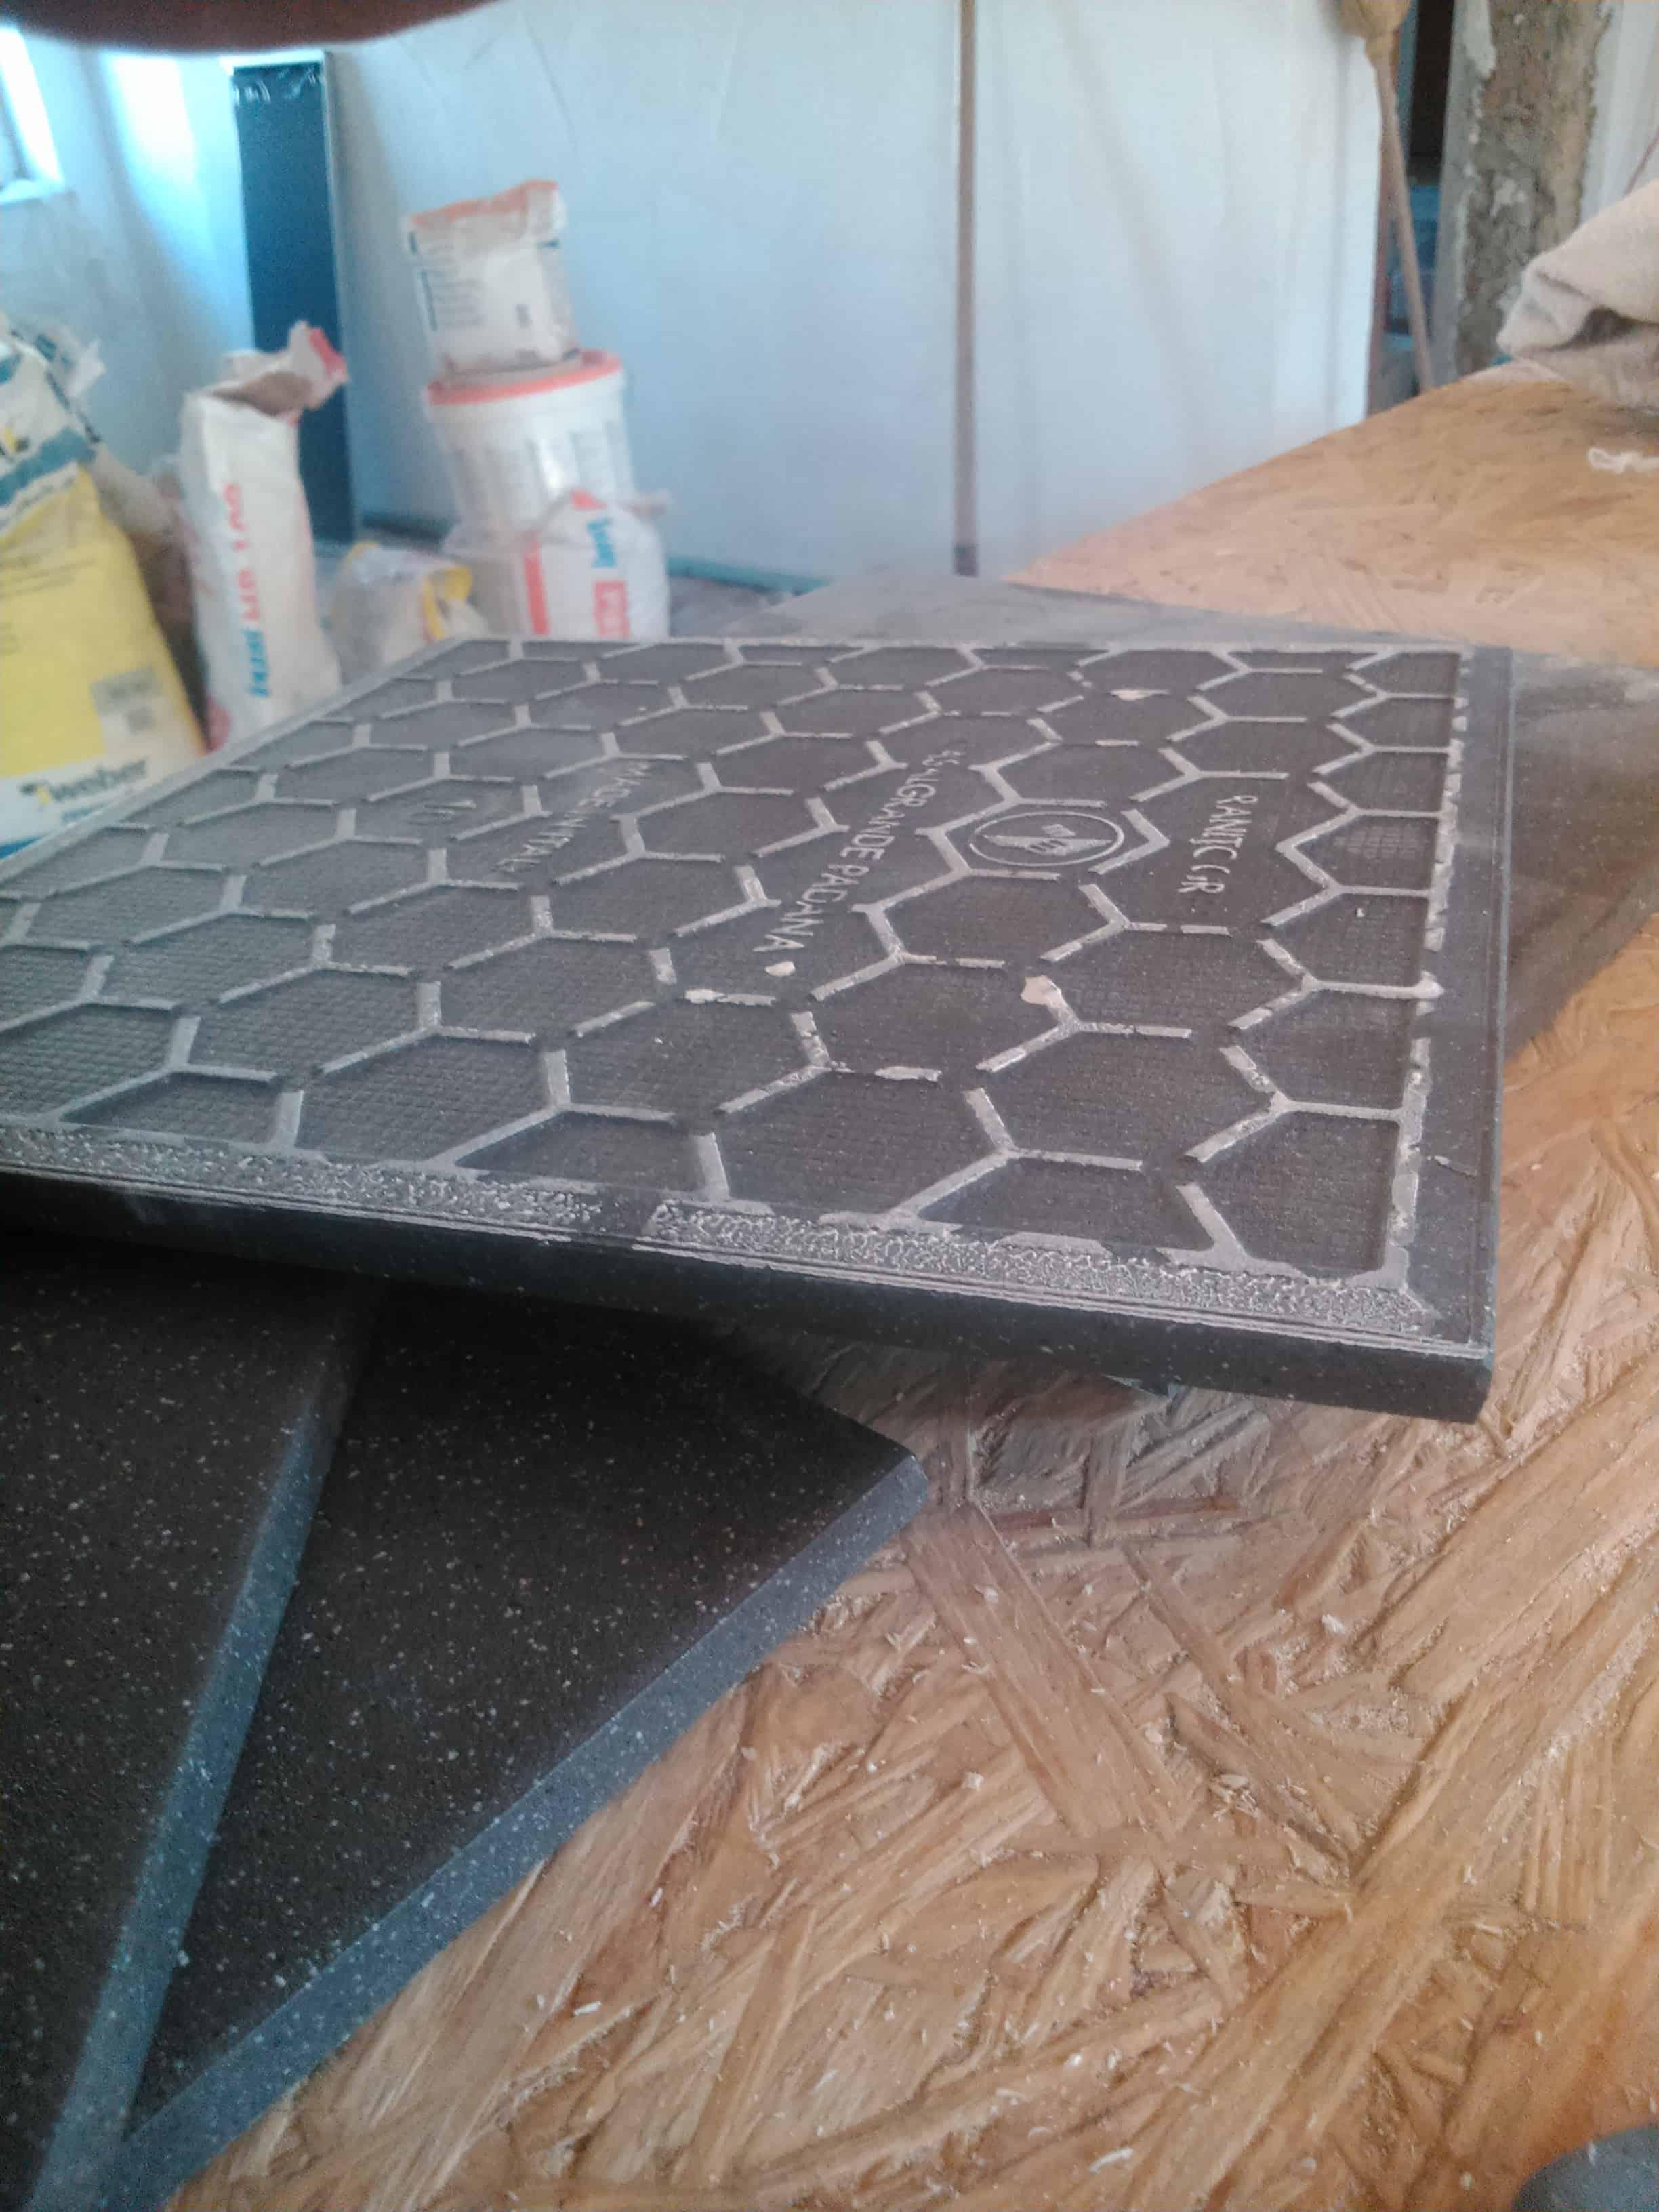 Fliesen grau anthrazit 20 20cm g nstig kaufen im baustoffhandel von restado gebraucht und neu - Fliesen anthrazit ...